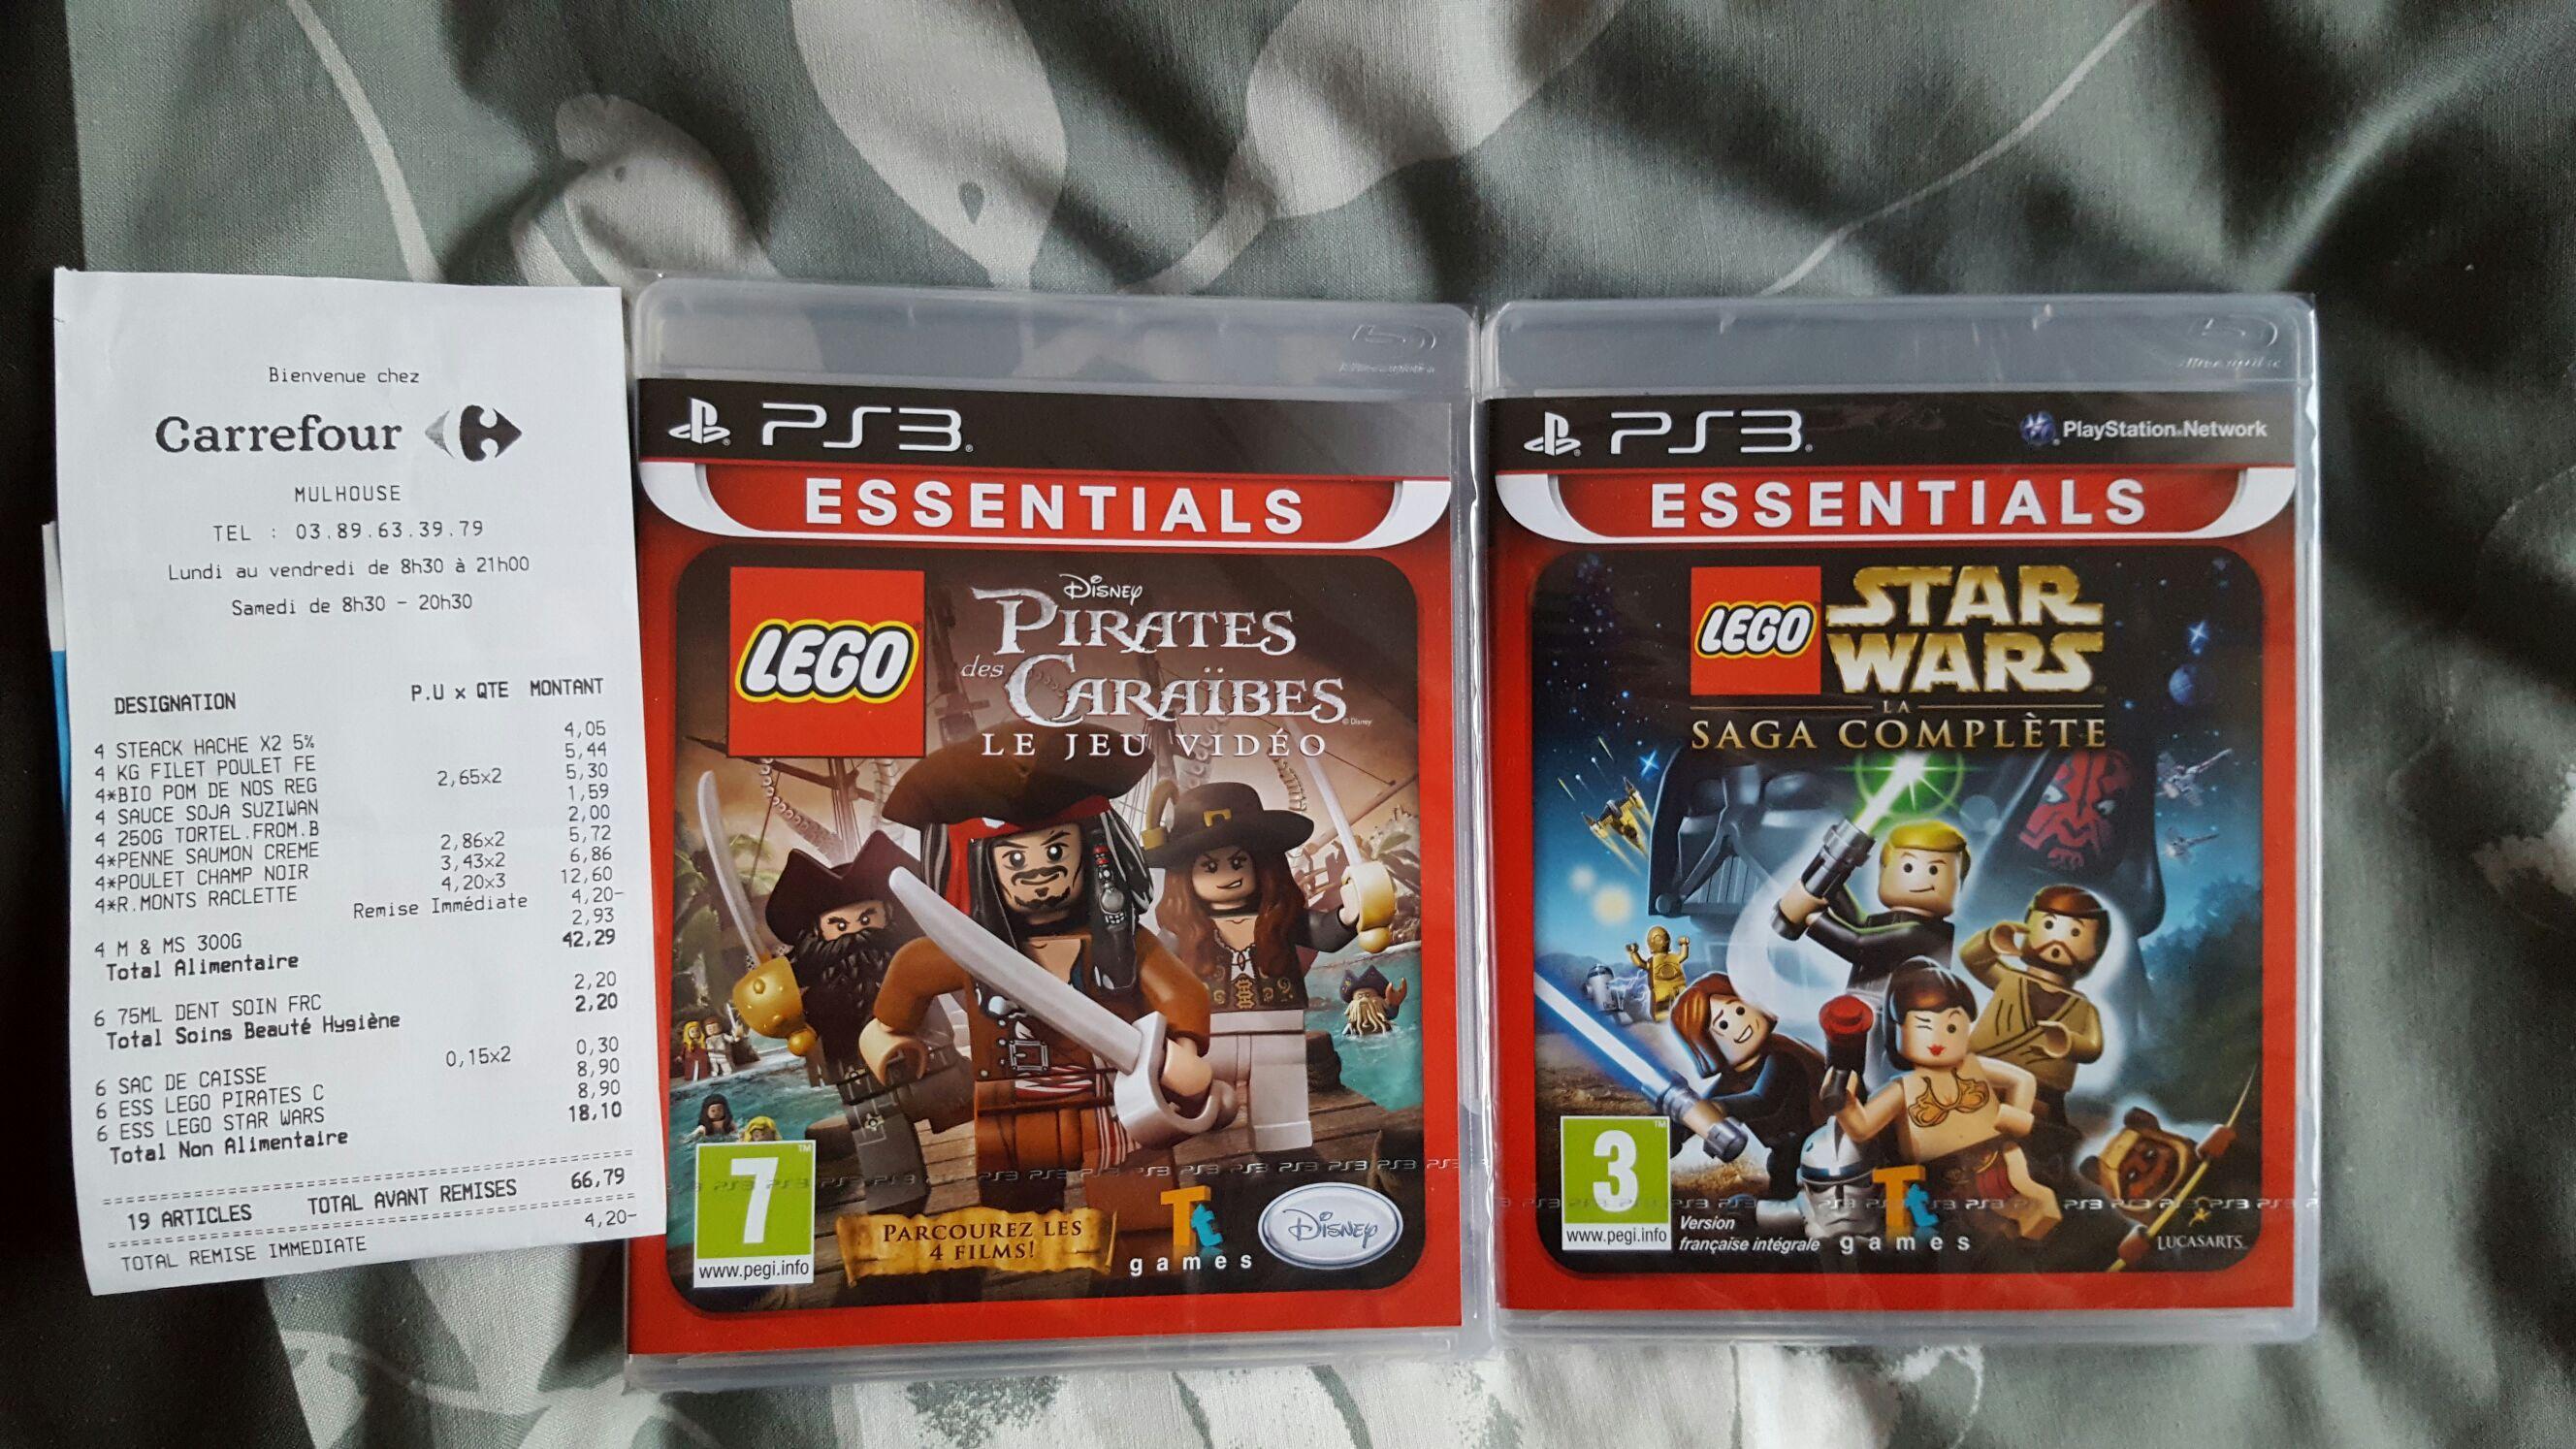 Sélection de jeux en promotion - Ex: Lego Star Wars - La saga complète Edition Essential sur PS3